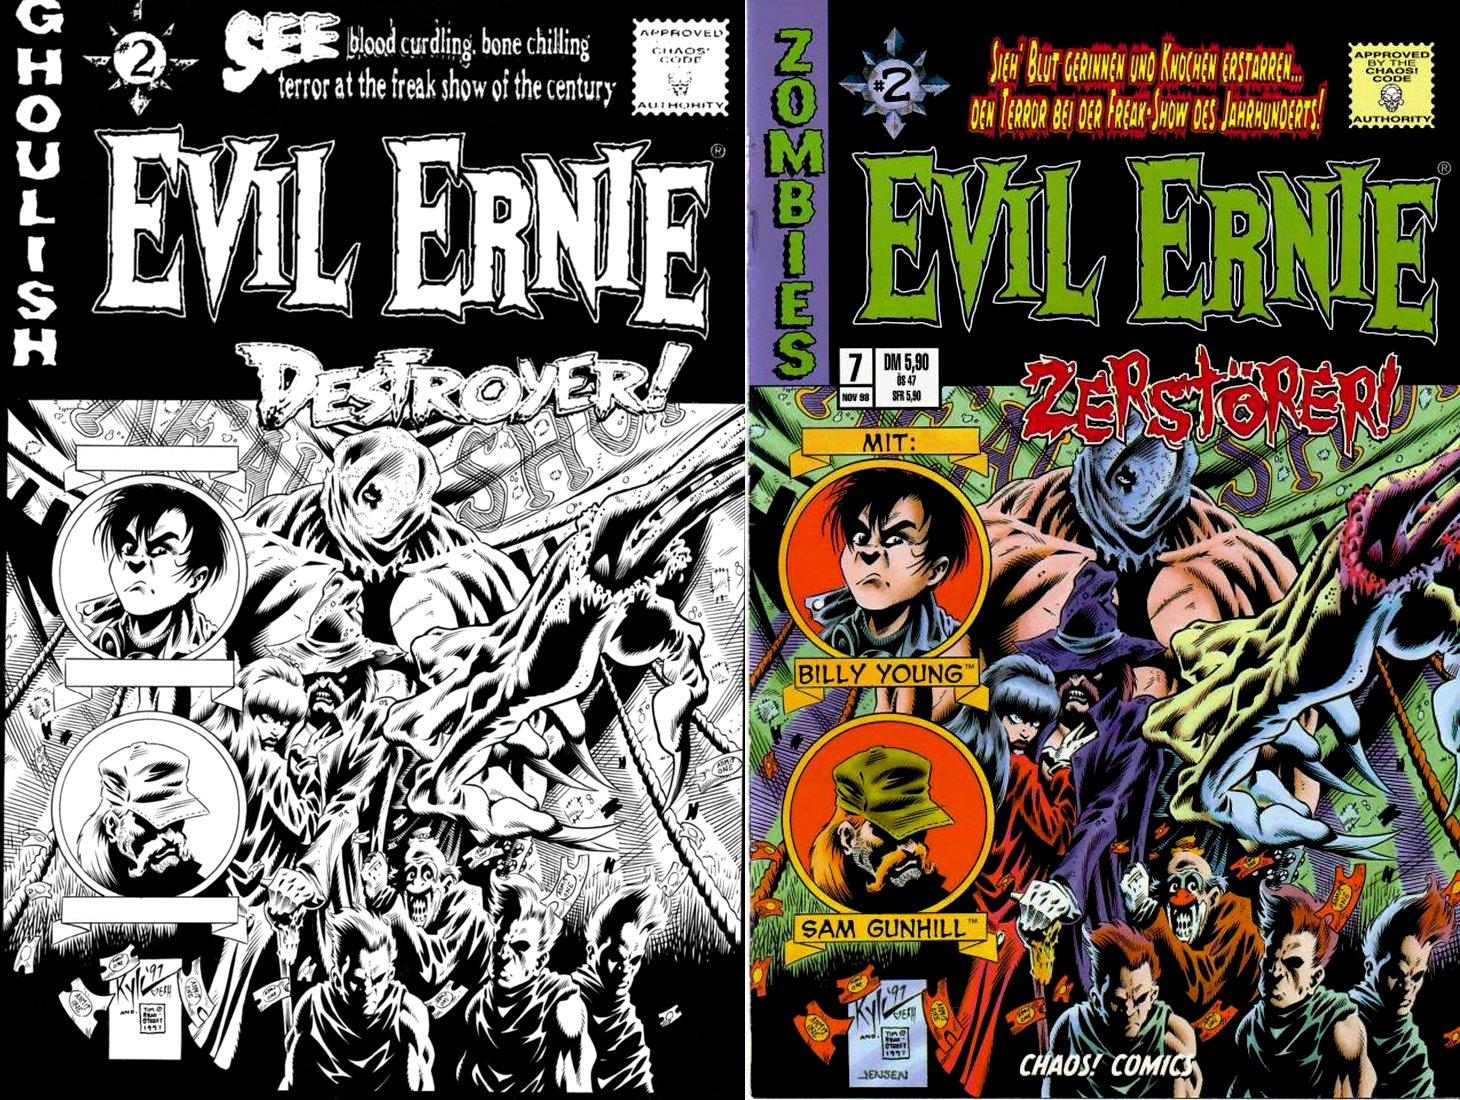 Evil Ernie #2 Back Cover (1997)